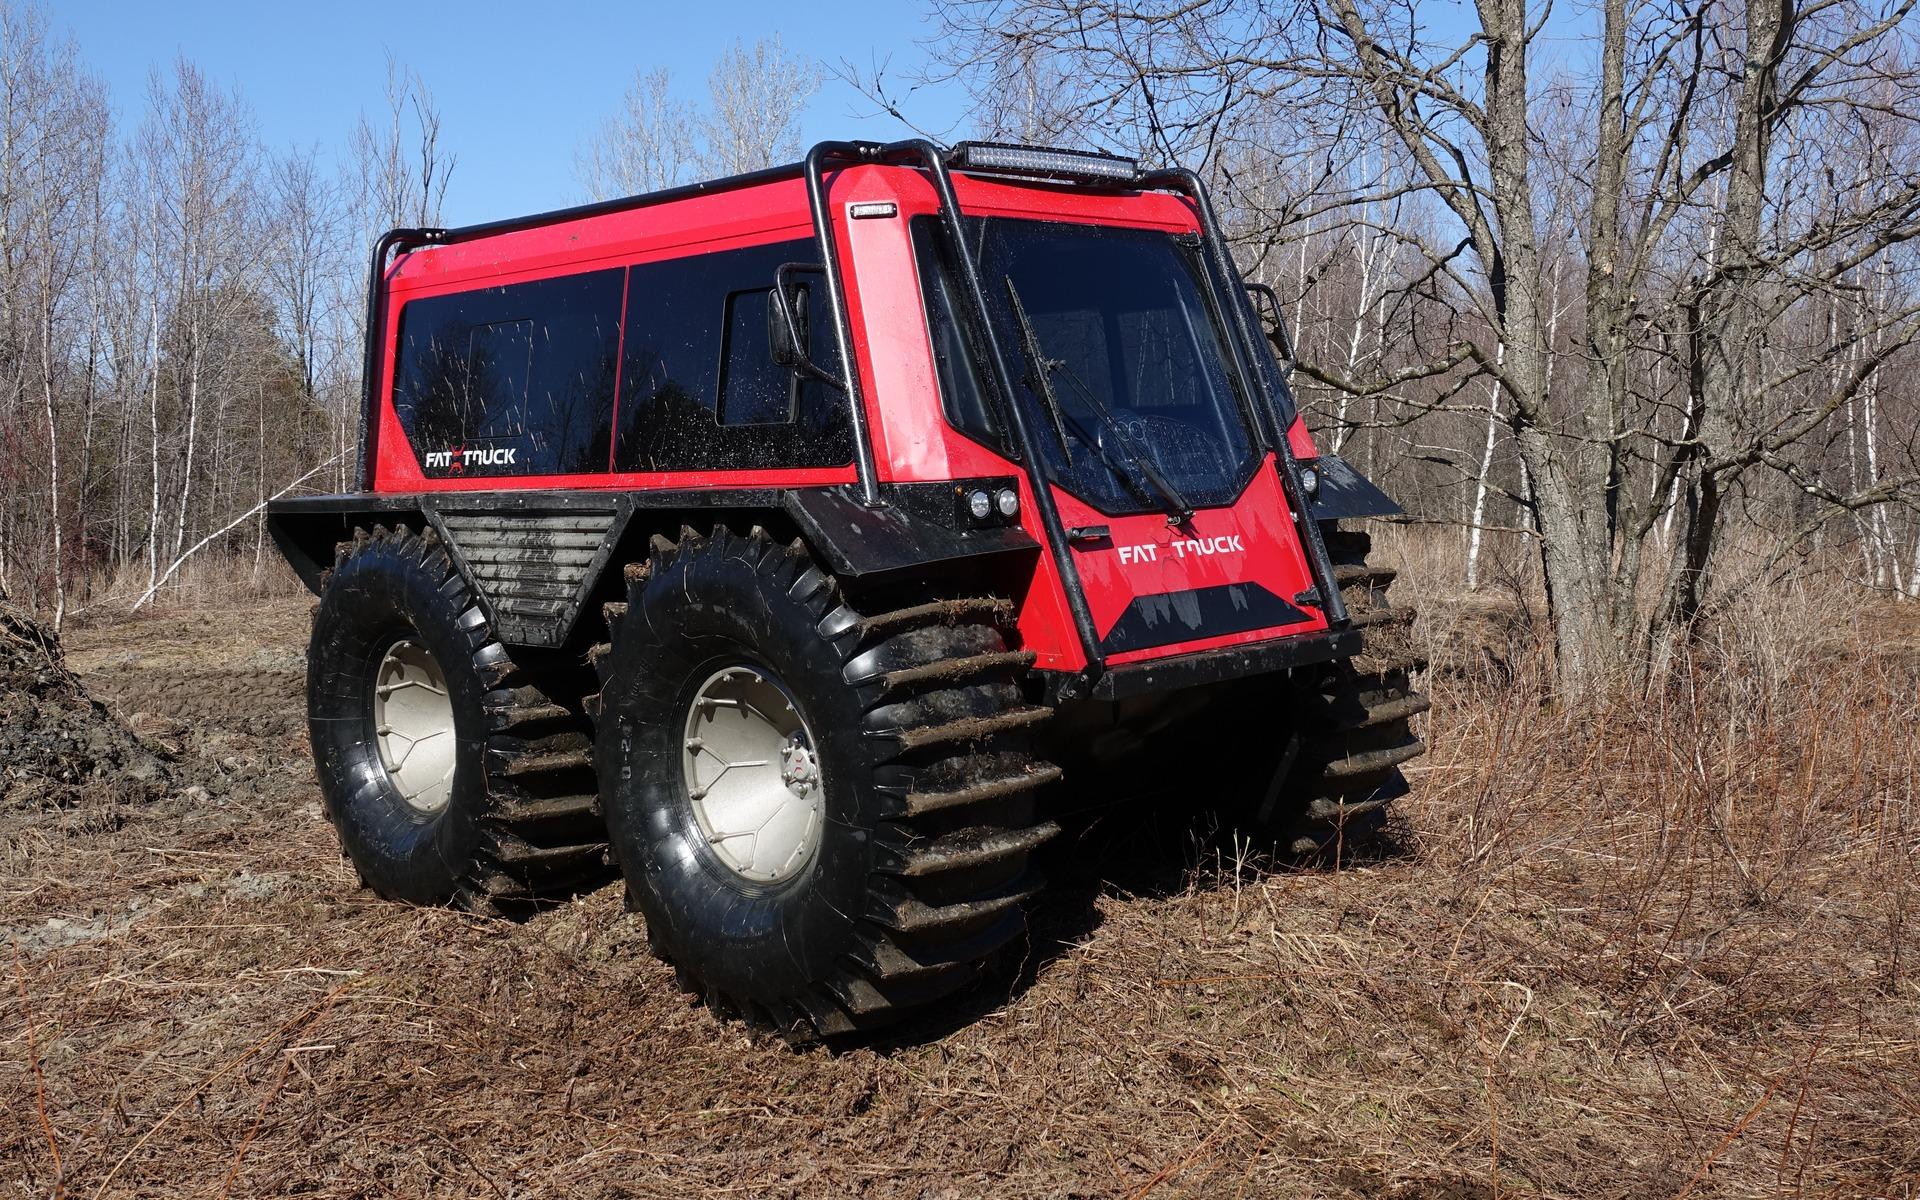 Fat Truck